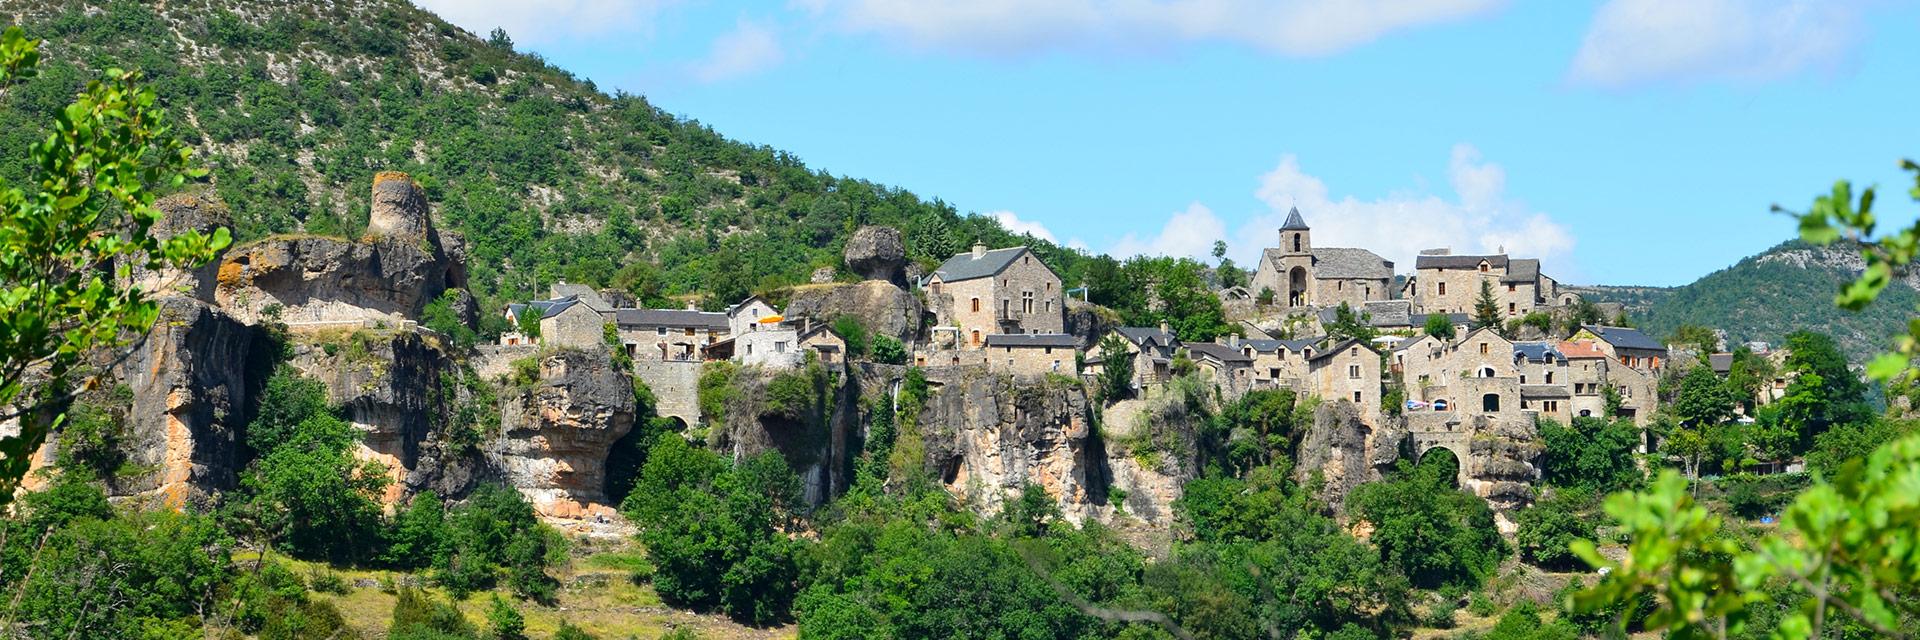 domaine-roc-nantais-vue-village-typique